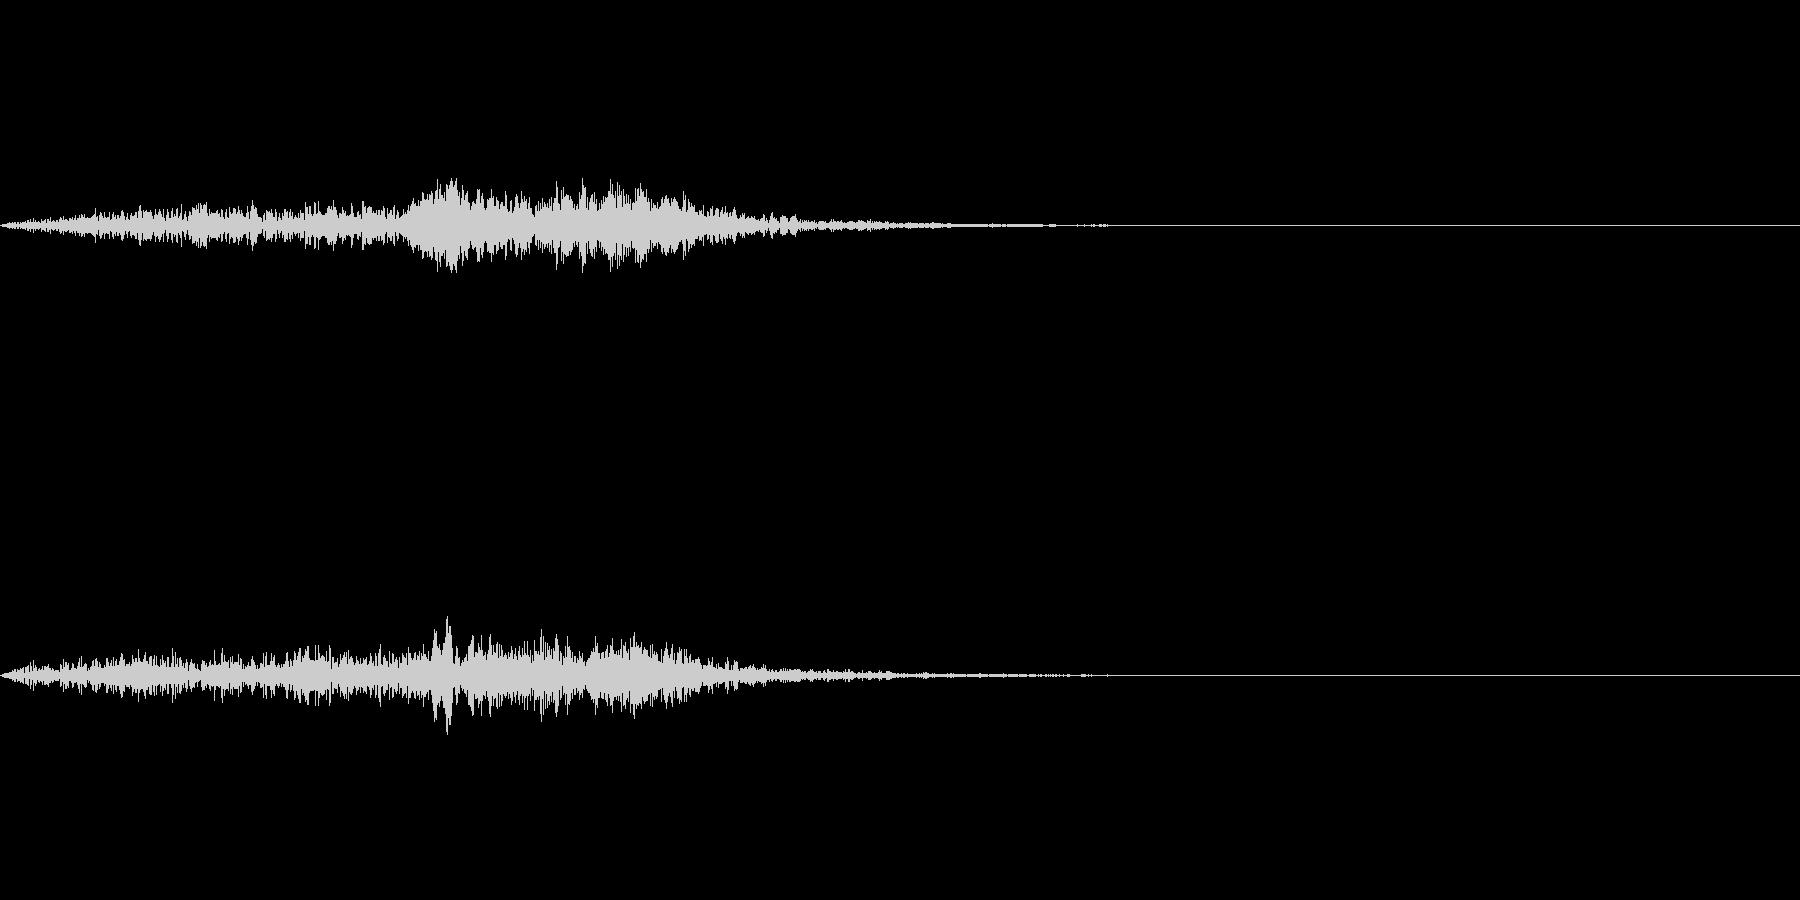 「象の鳴き声みたいなブラス音」の未再生の波形